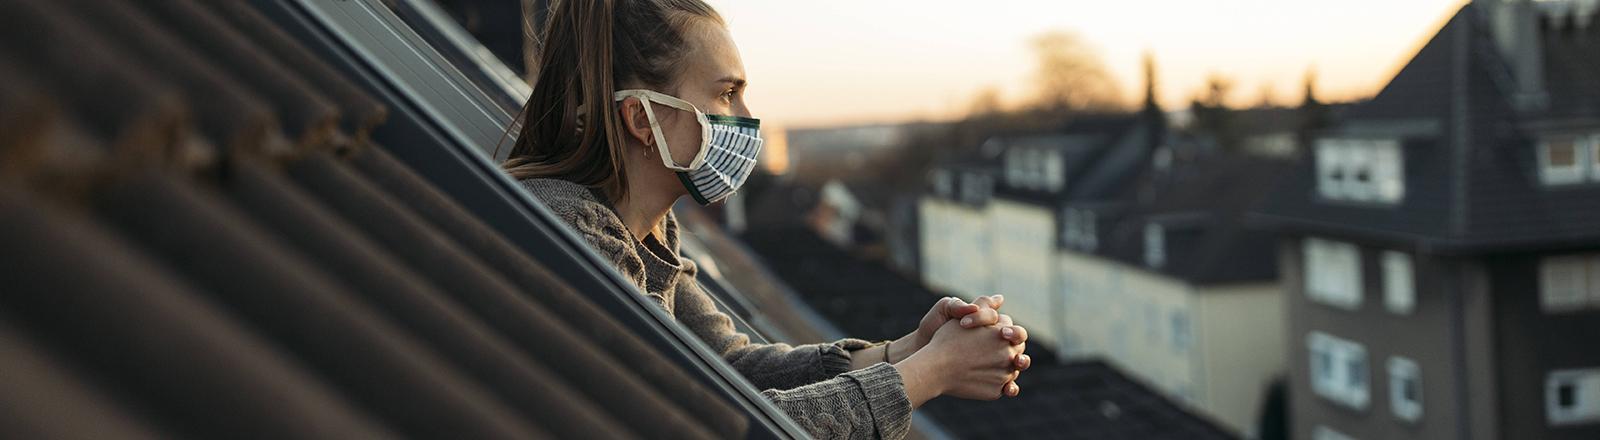 Eine Frau trägt einen Mund-Nasen-Schutz an einem offenen Fenster und hat die Hände gefaltet.